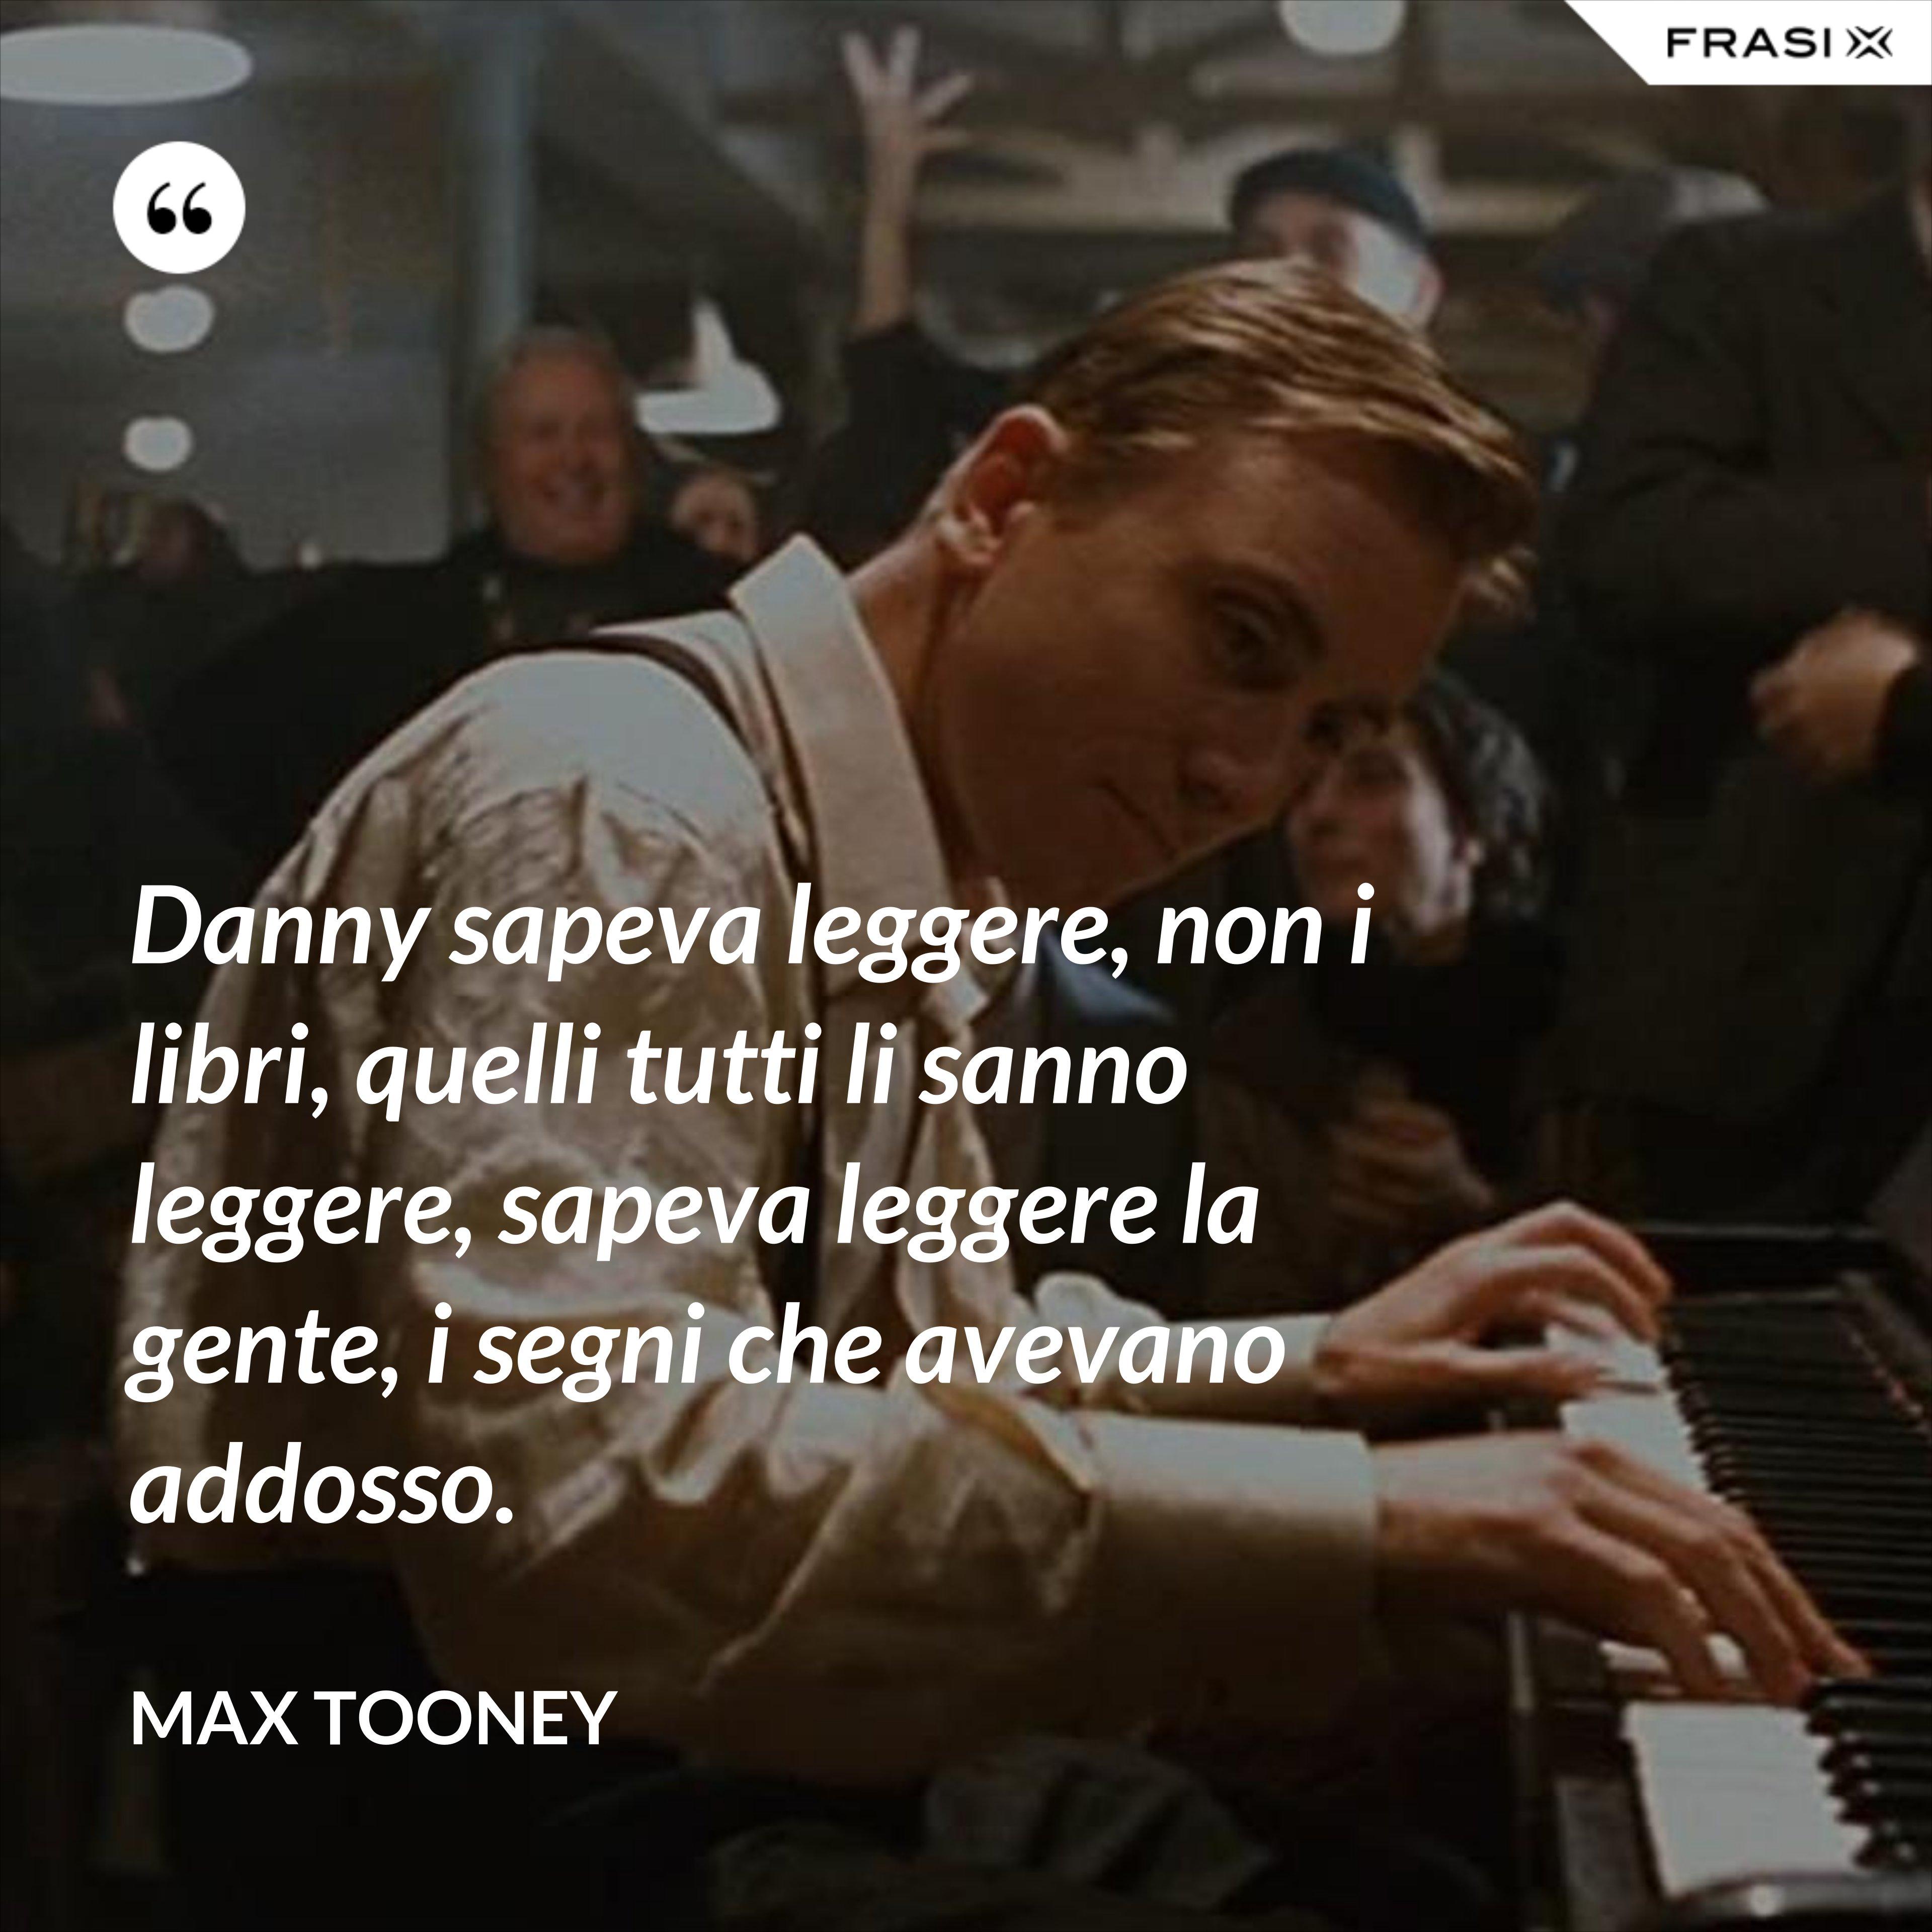 Danny sapeva leggere, non i libri, quelli tutti li sanno leggere, sapeva leggere la gente, i segni che avevano addosso. - Max Tooney